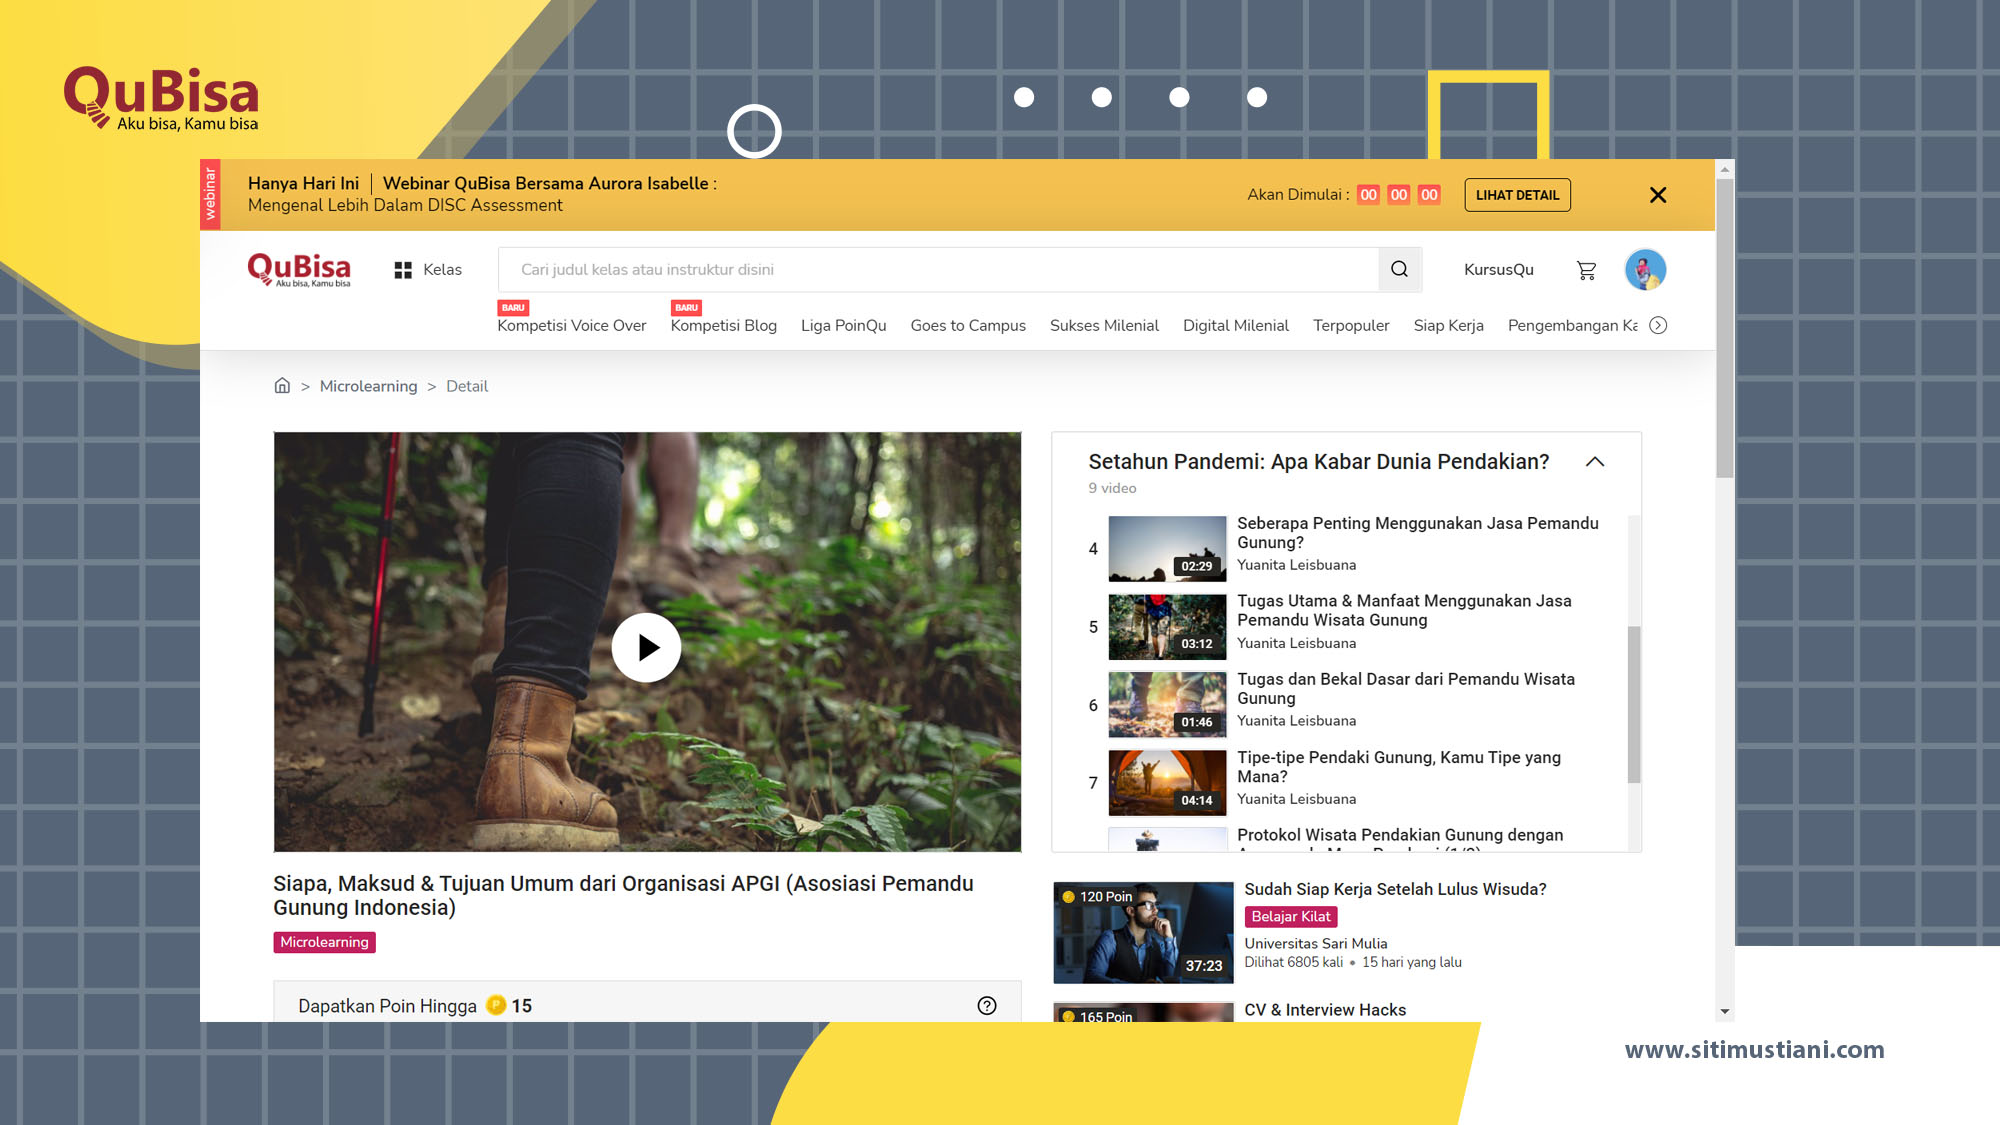 Belajar gak ribet di Aplikasi belajar online QuBisa